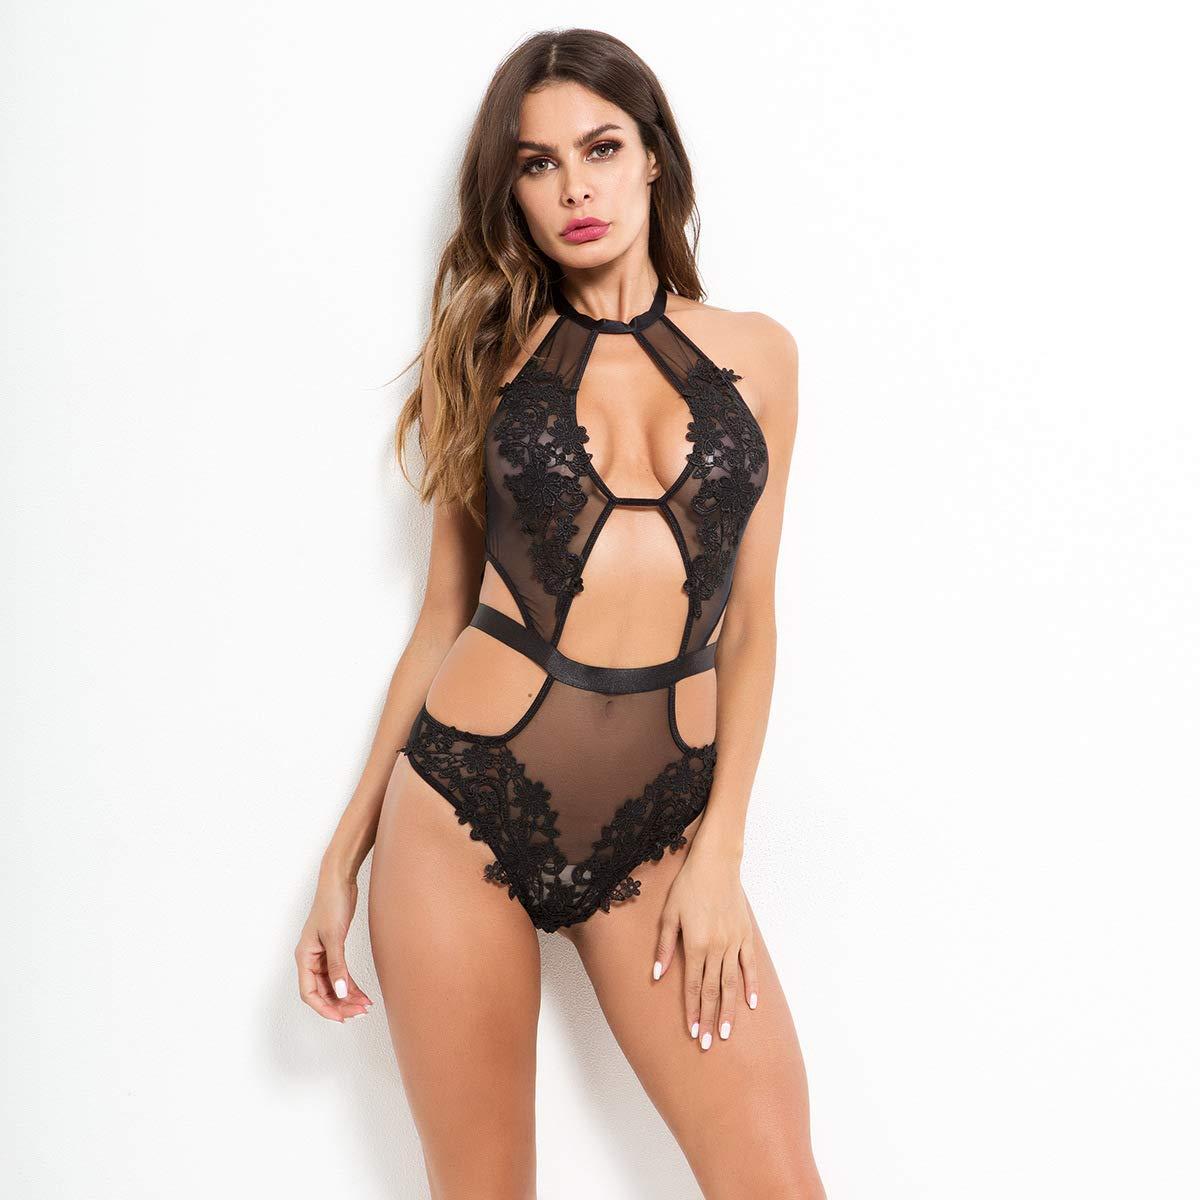 Ropa Erótica Interior Para Mujeres Sexy Lencería Encaje Erótica Bodysuit Ropa Atractiva Erótica Encaje Pijama Mujer Body Transparente Conjunto De Lencería,M 6b3463